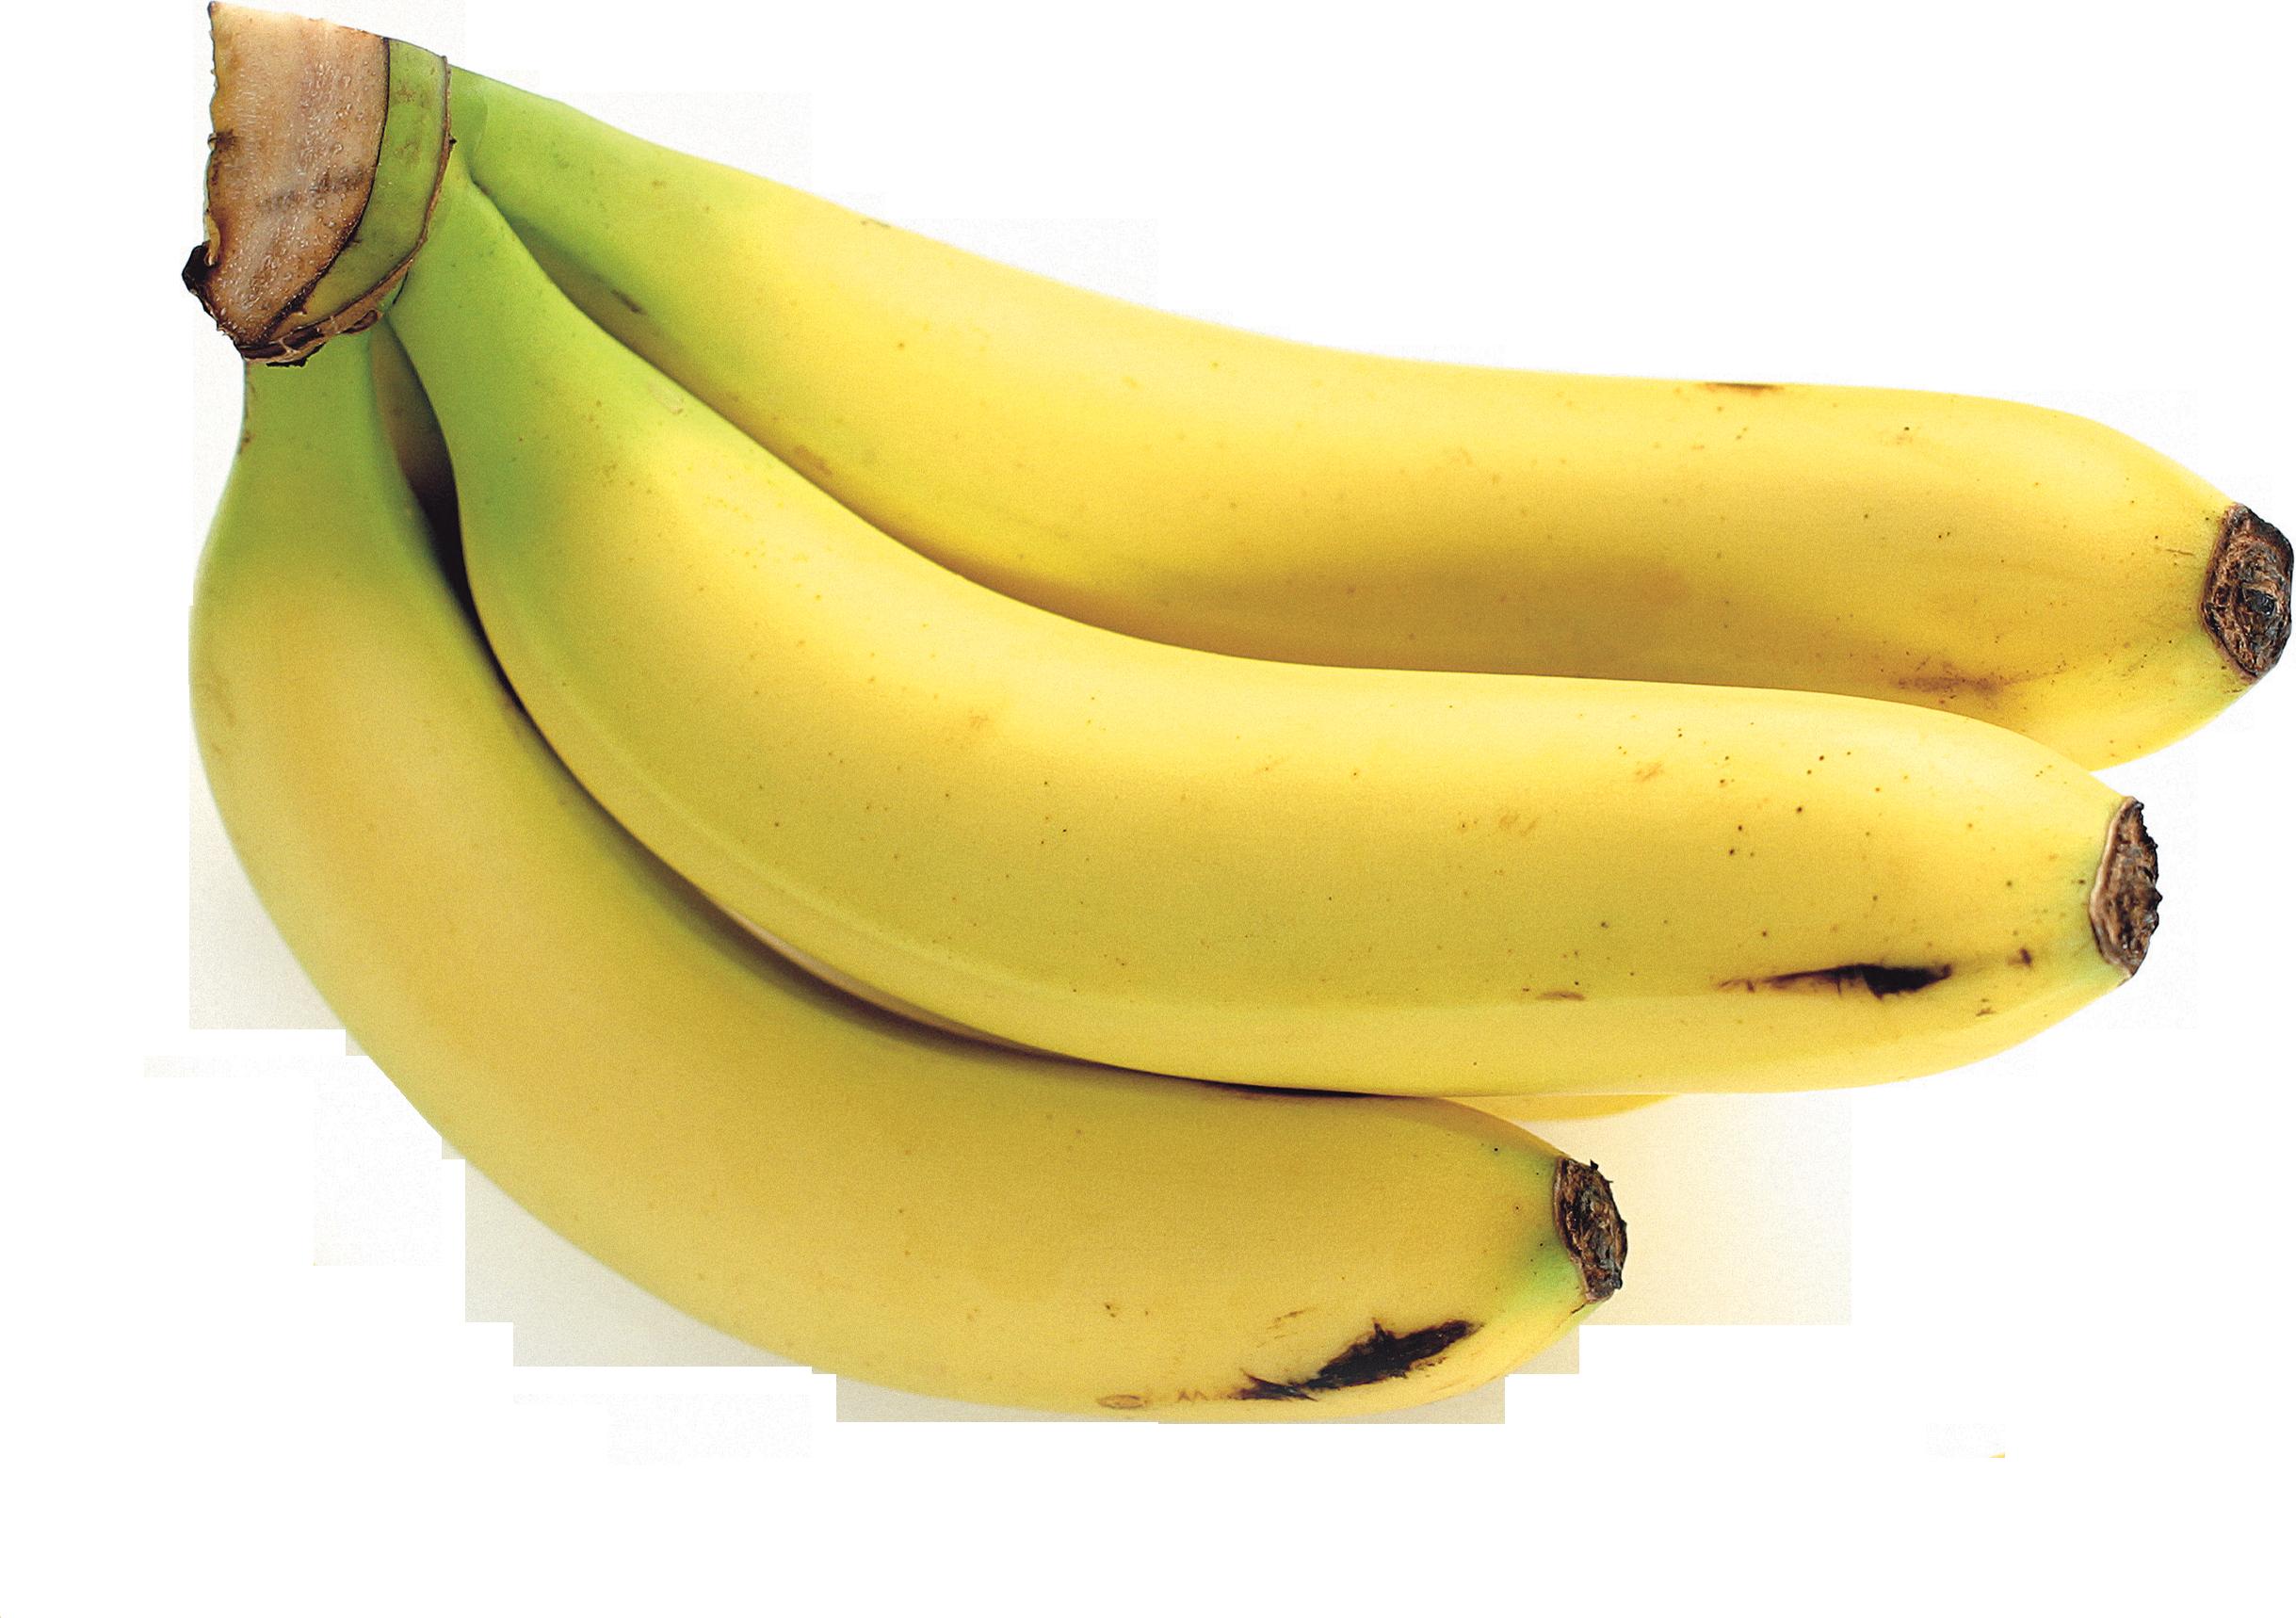 Banana Png image #27765 - Banana PNG